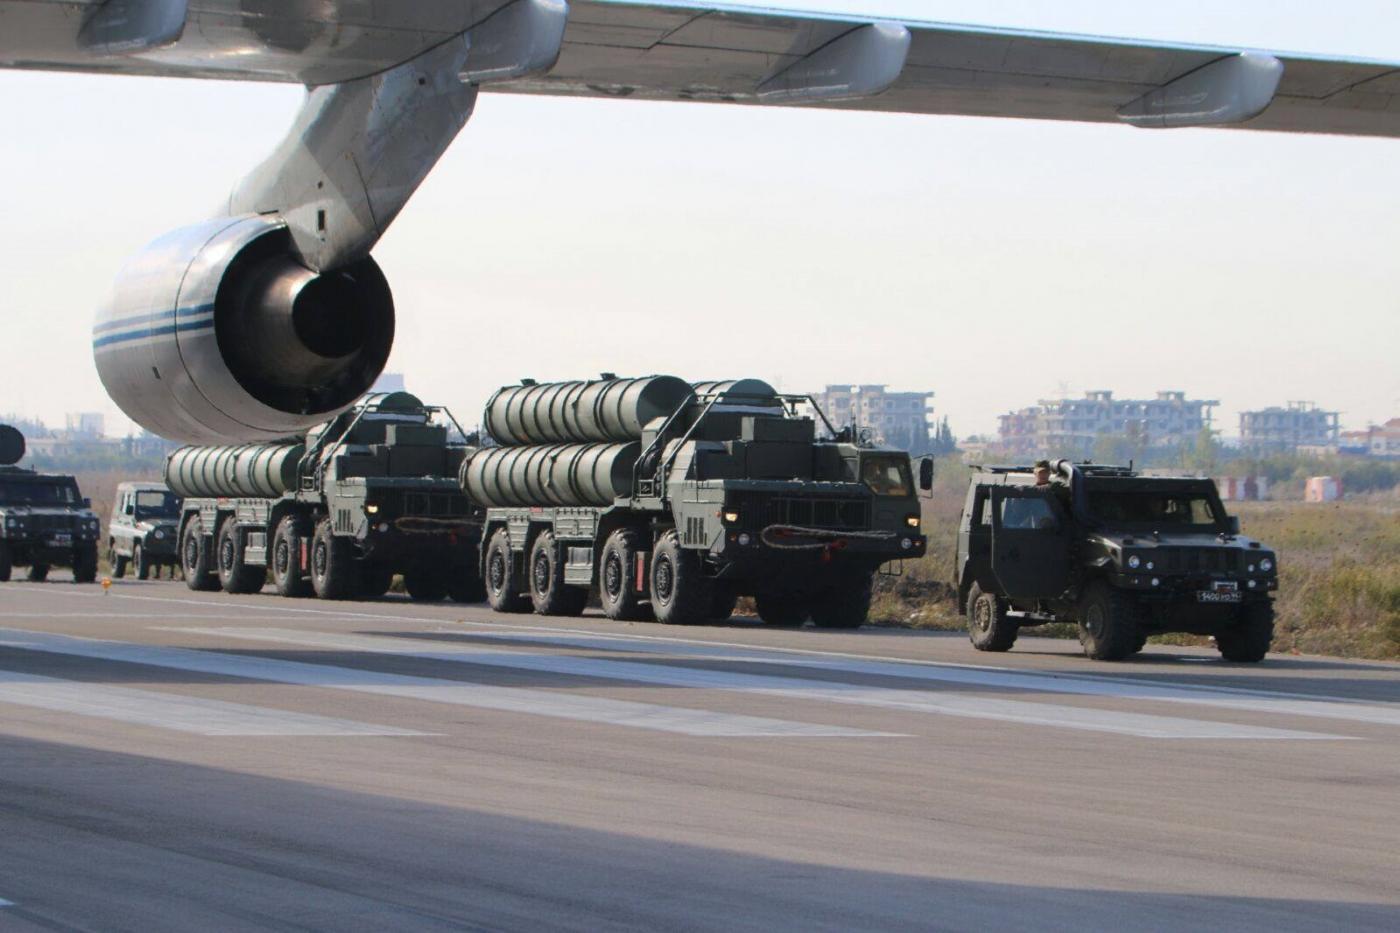 أردوغان يلجأ لترامب شخصيًّا بخصوص منظومات S-400 الروسيه ومقاتلات F-35 الامريكيه  S_25